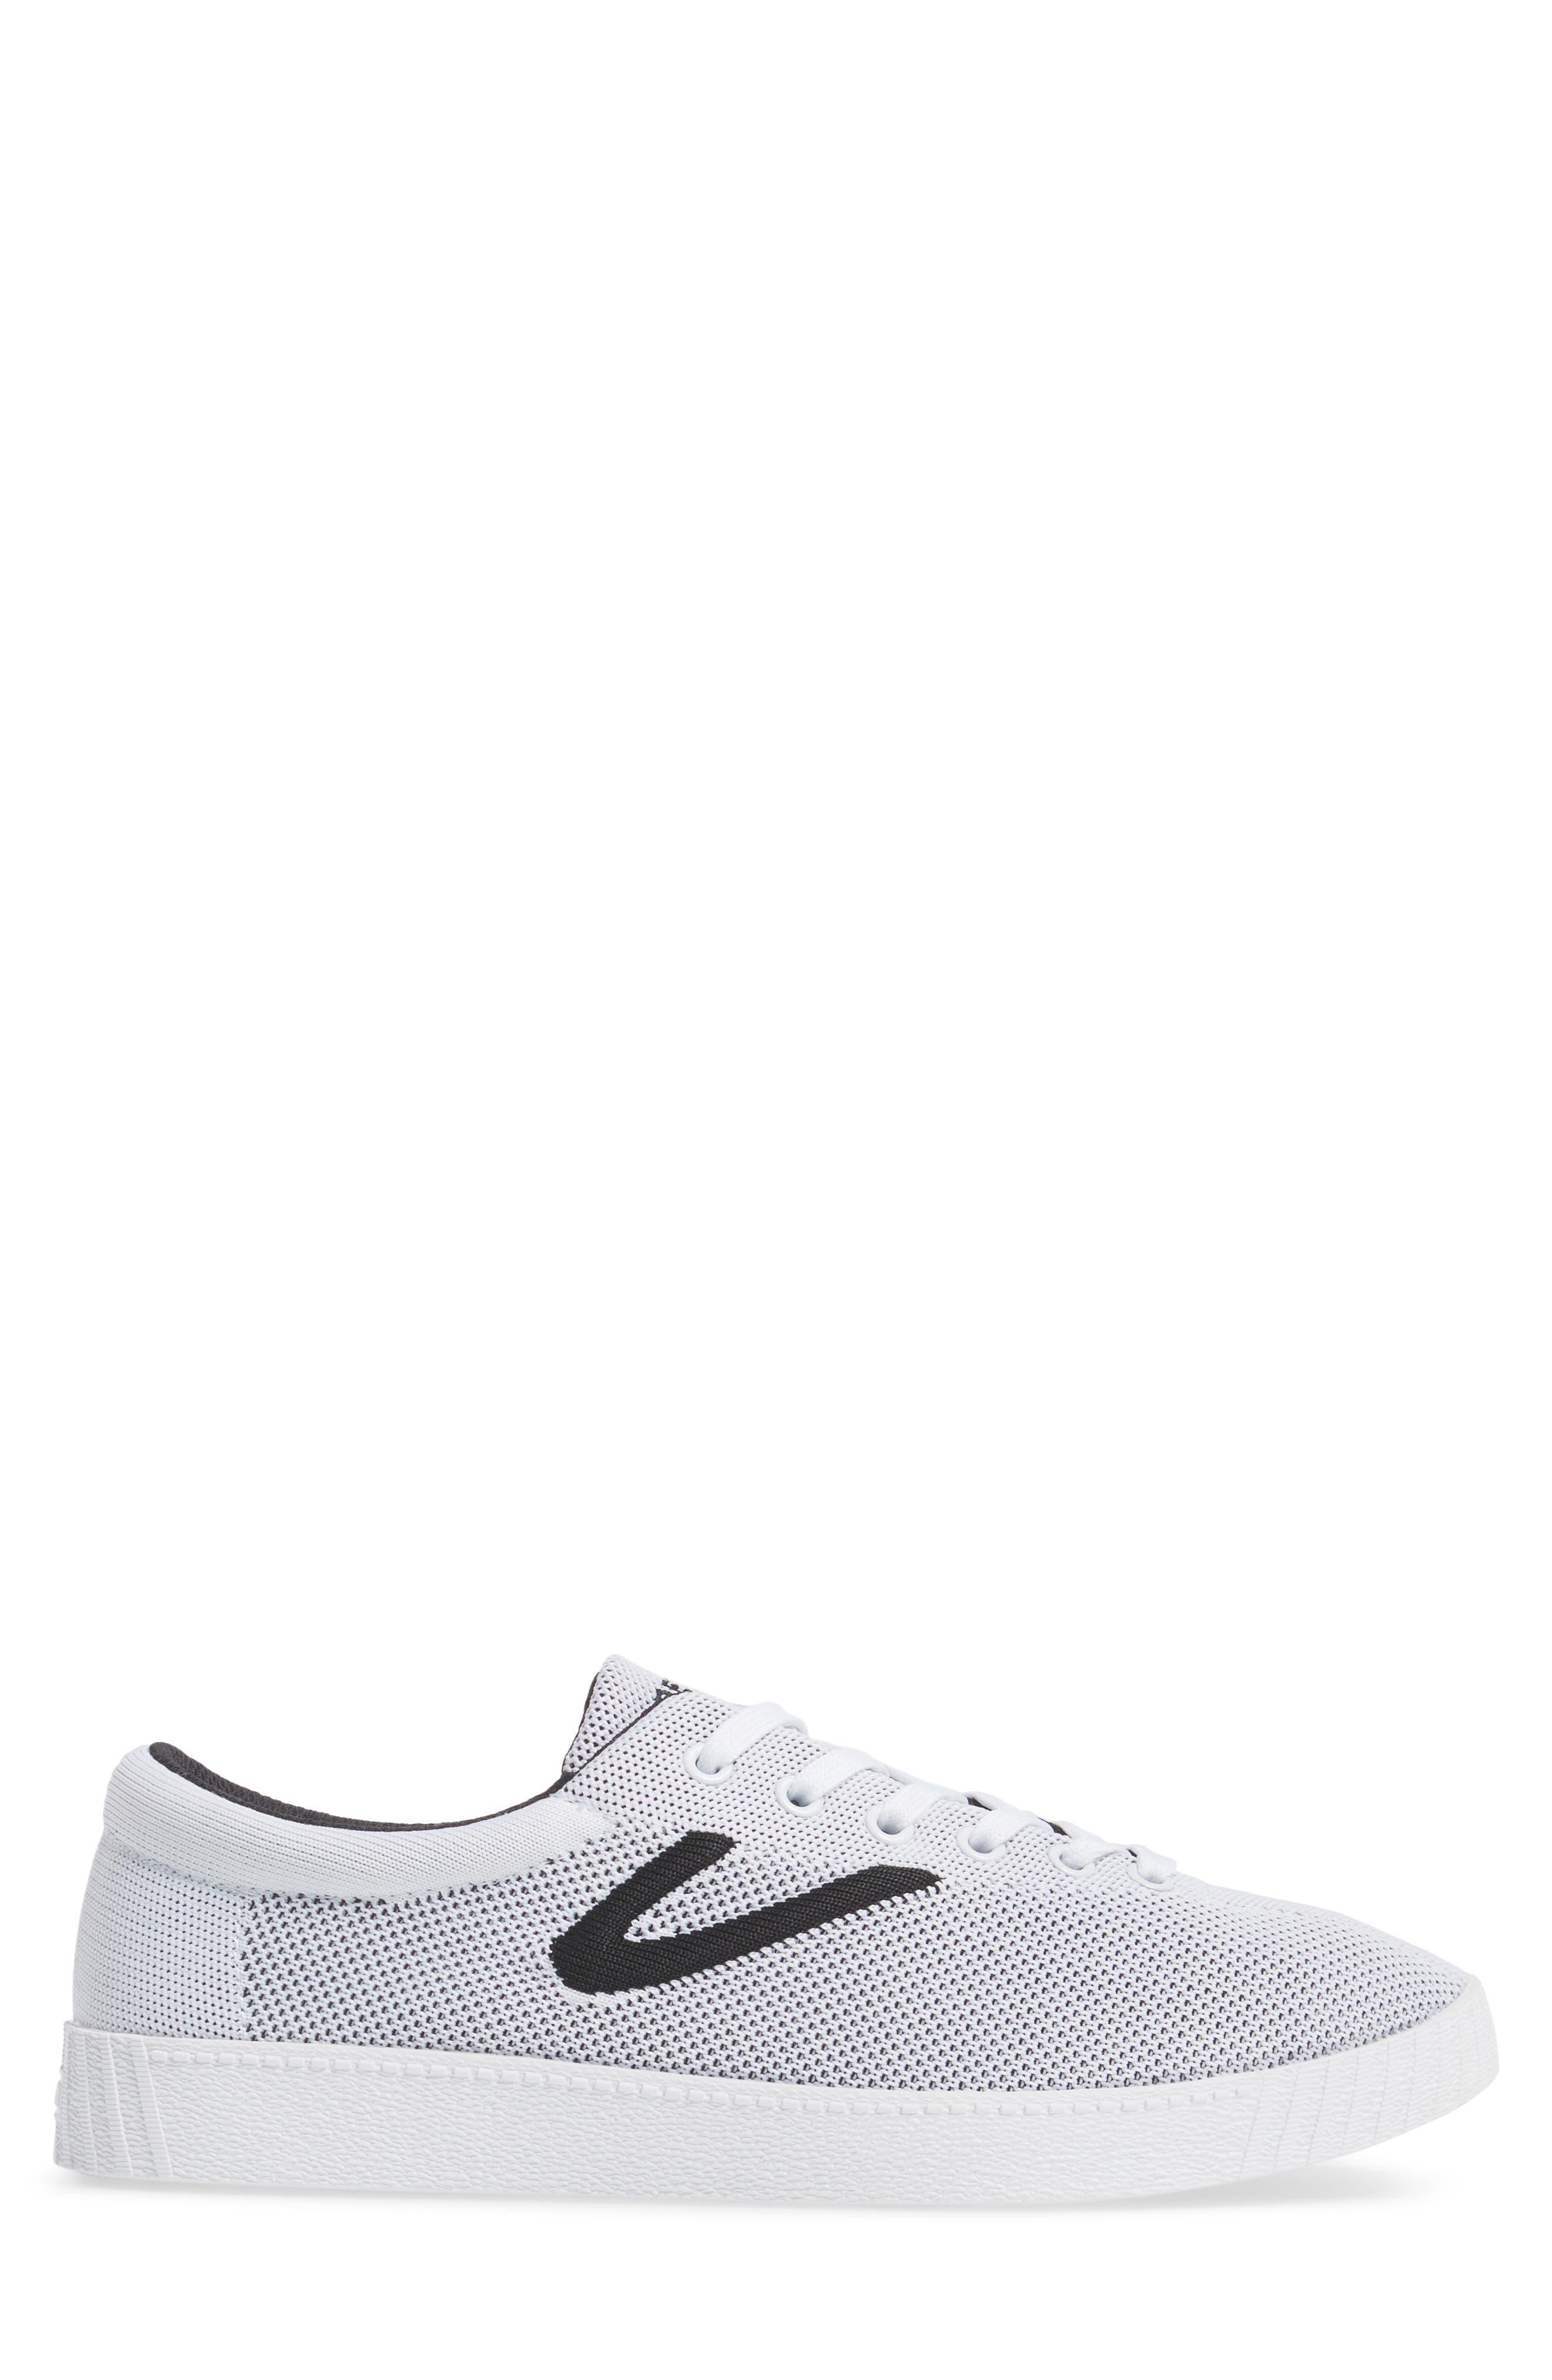 Alternate Image 3  - Tretorn Nylite Knit Sneaker (Men)